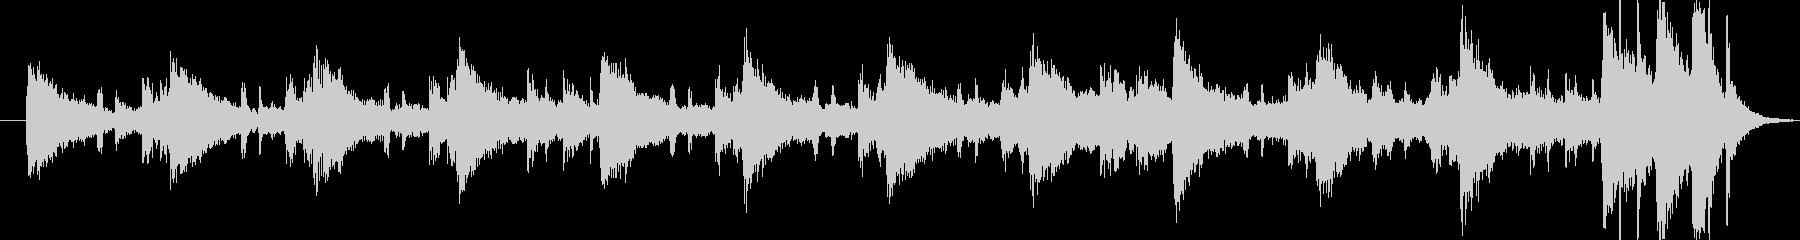 ・都会的なジャズの曲です・エレキギター…の未再生の波形